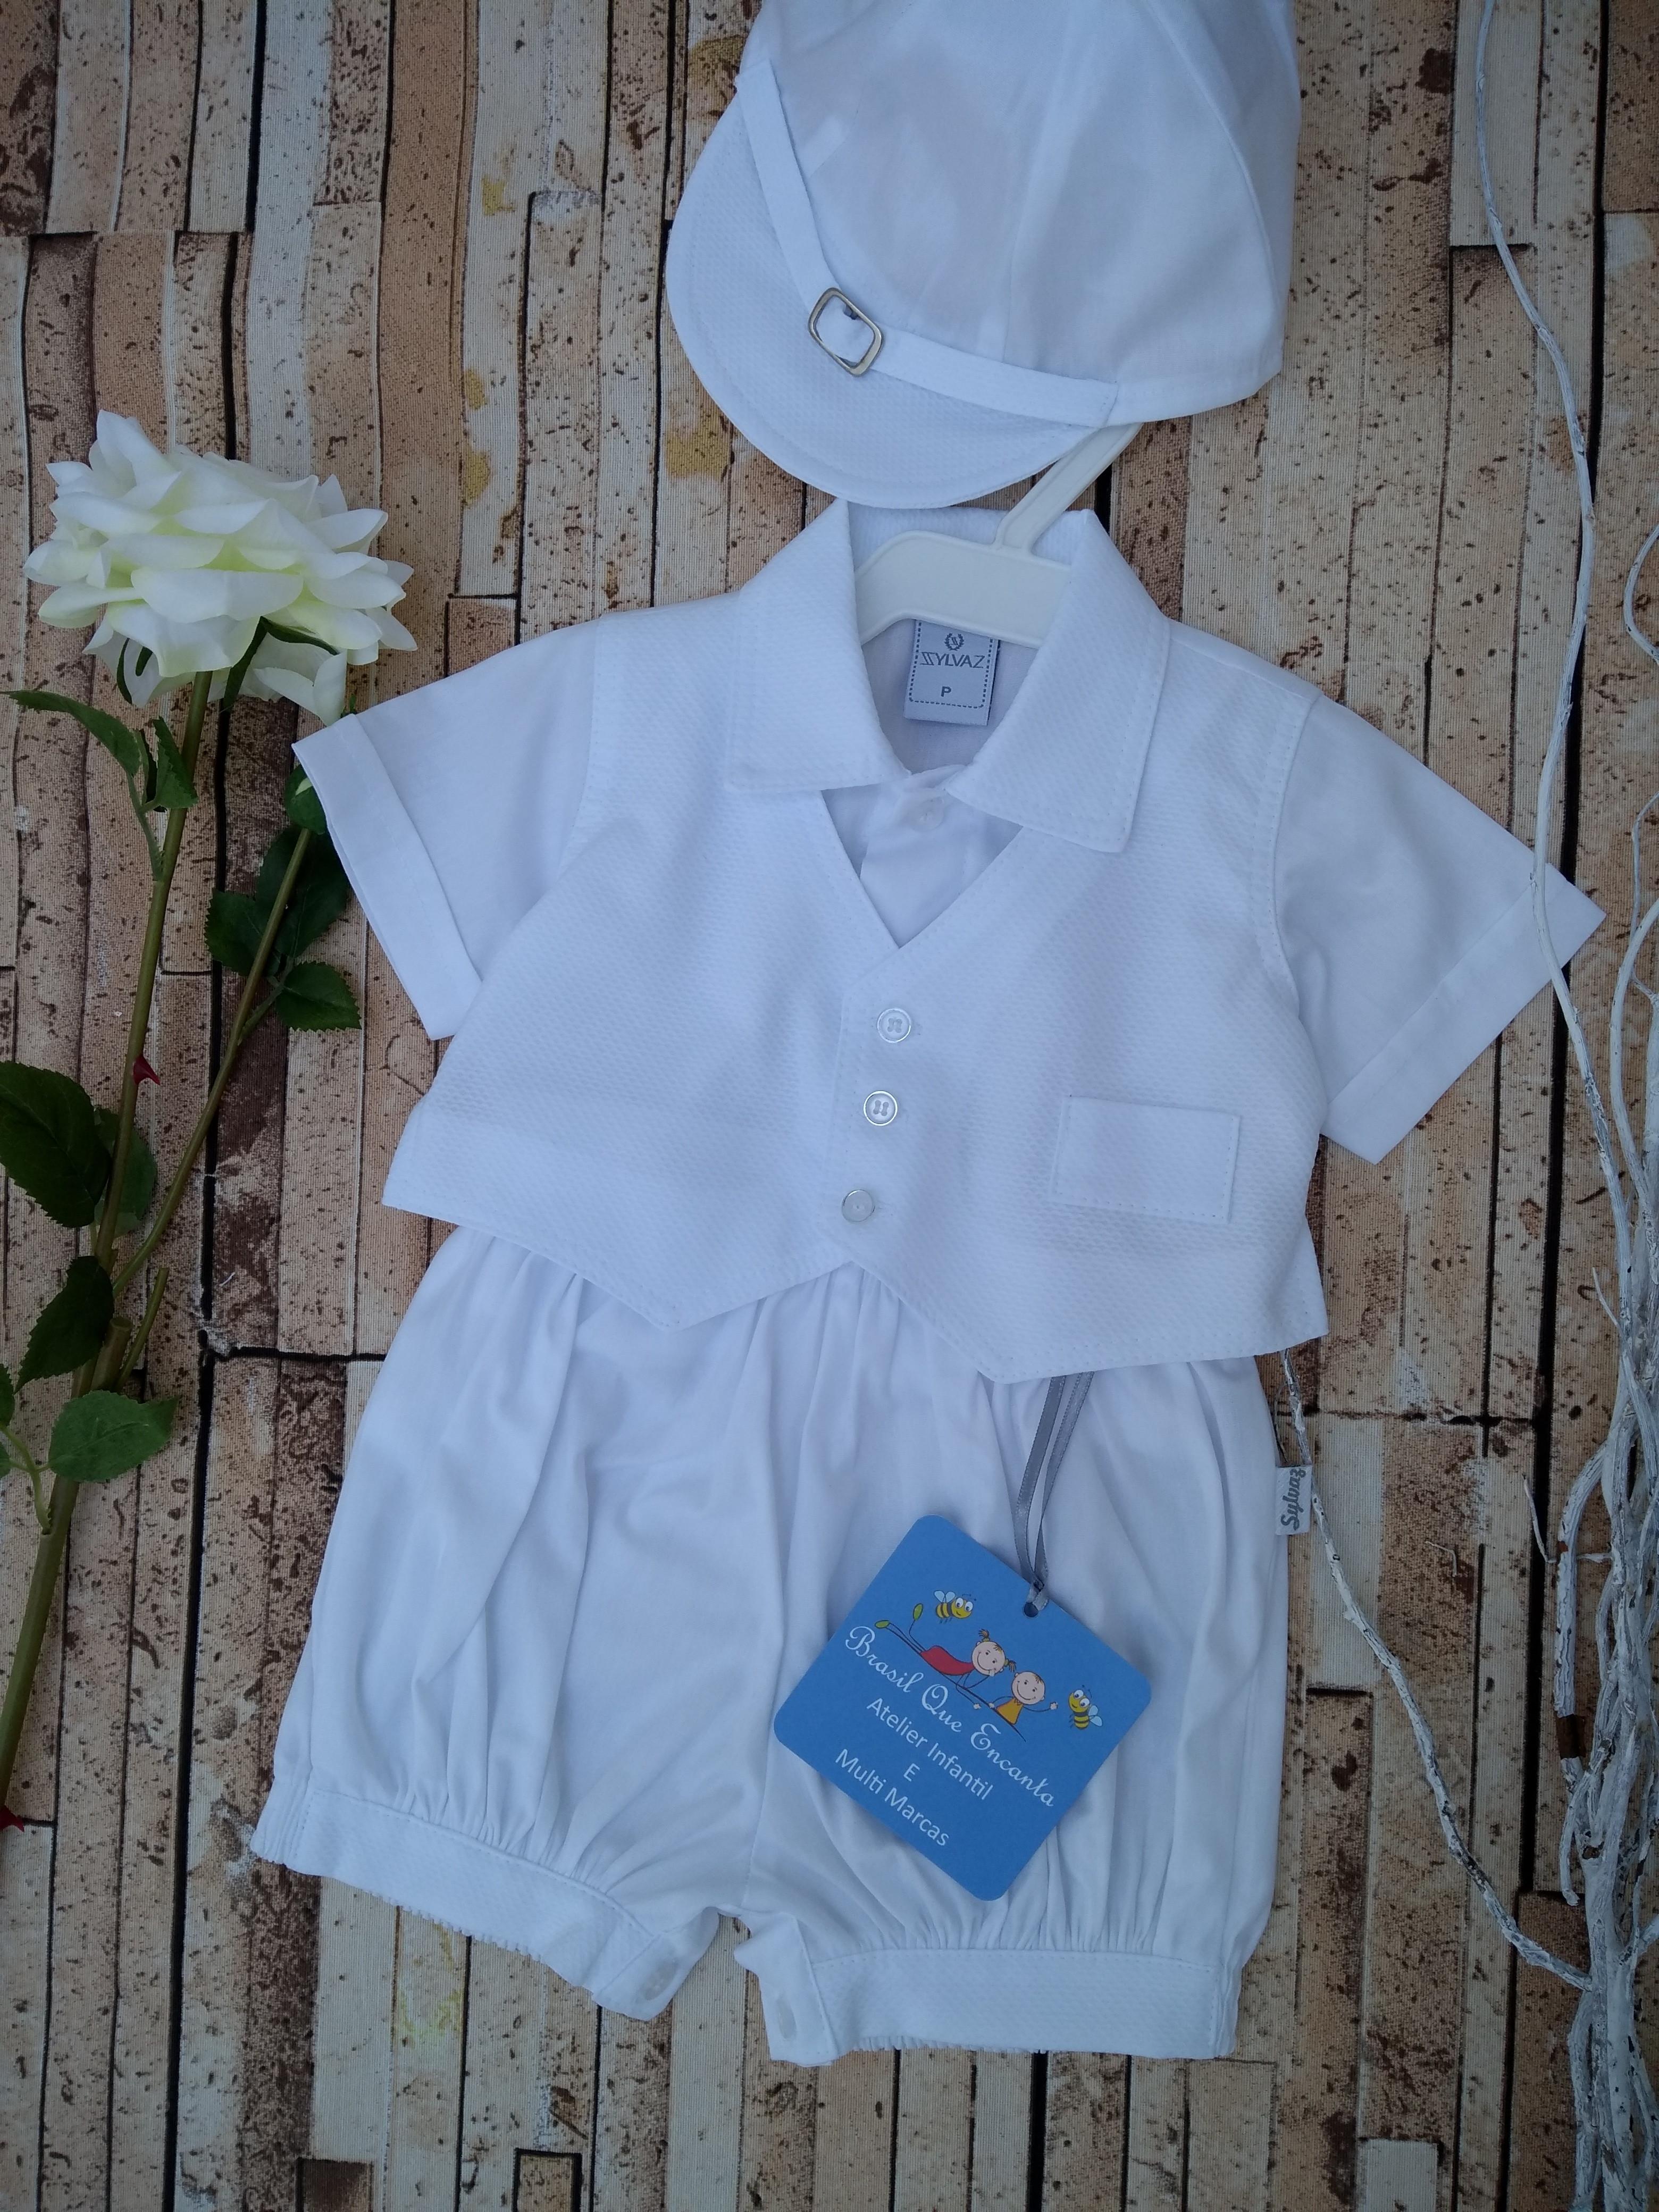 237e8960be Conjunto de Menino para Batizado Infantil